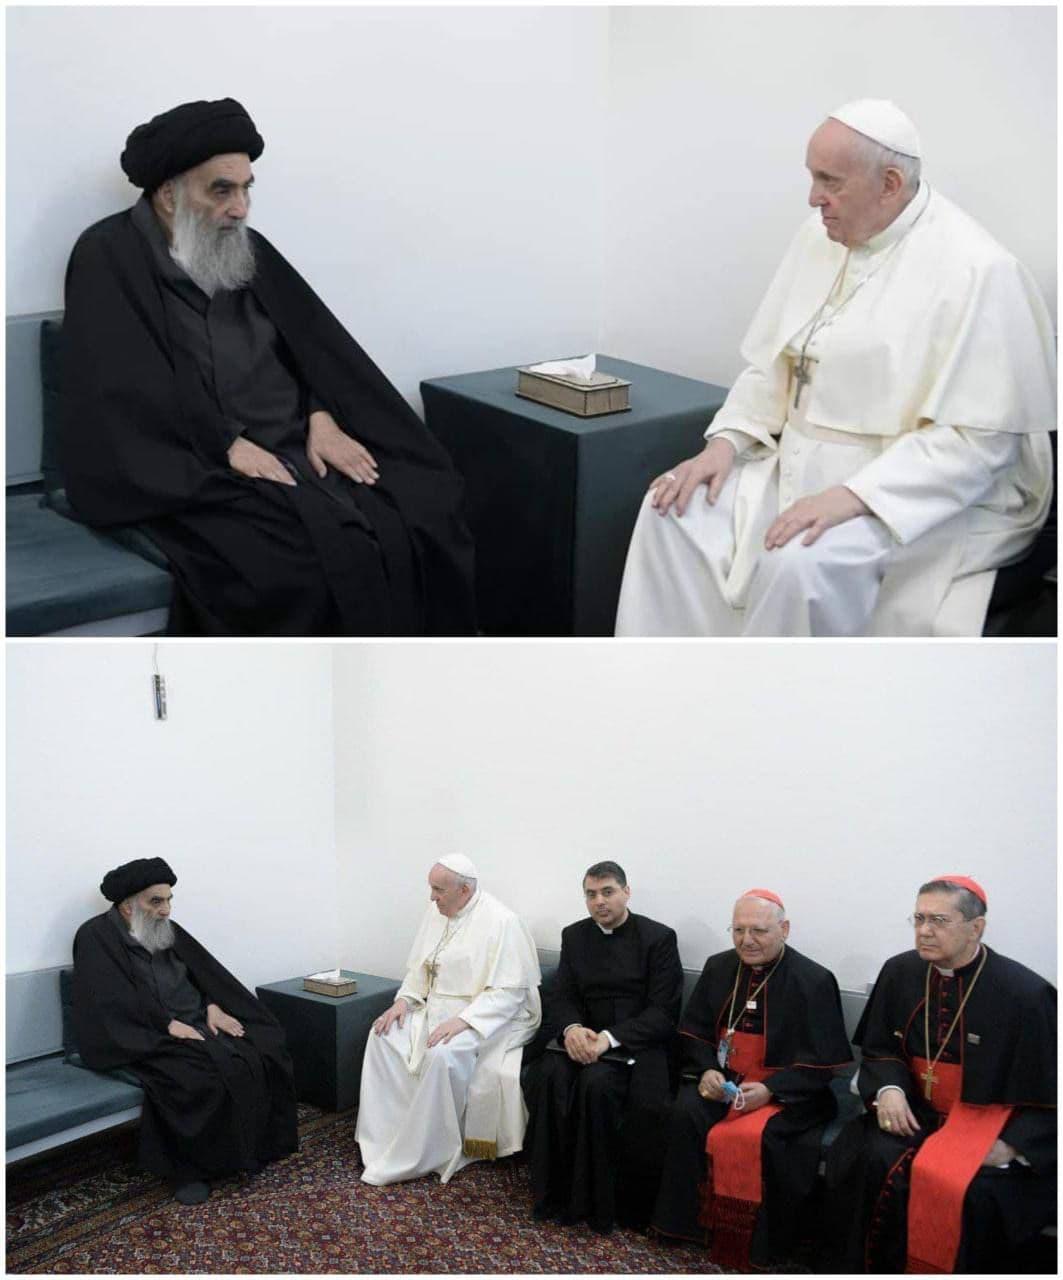 تصويرى از دیدار پاپ فرانسیس با آيت الله سيستانى